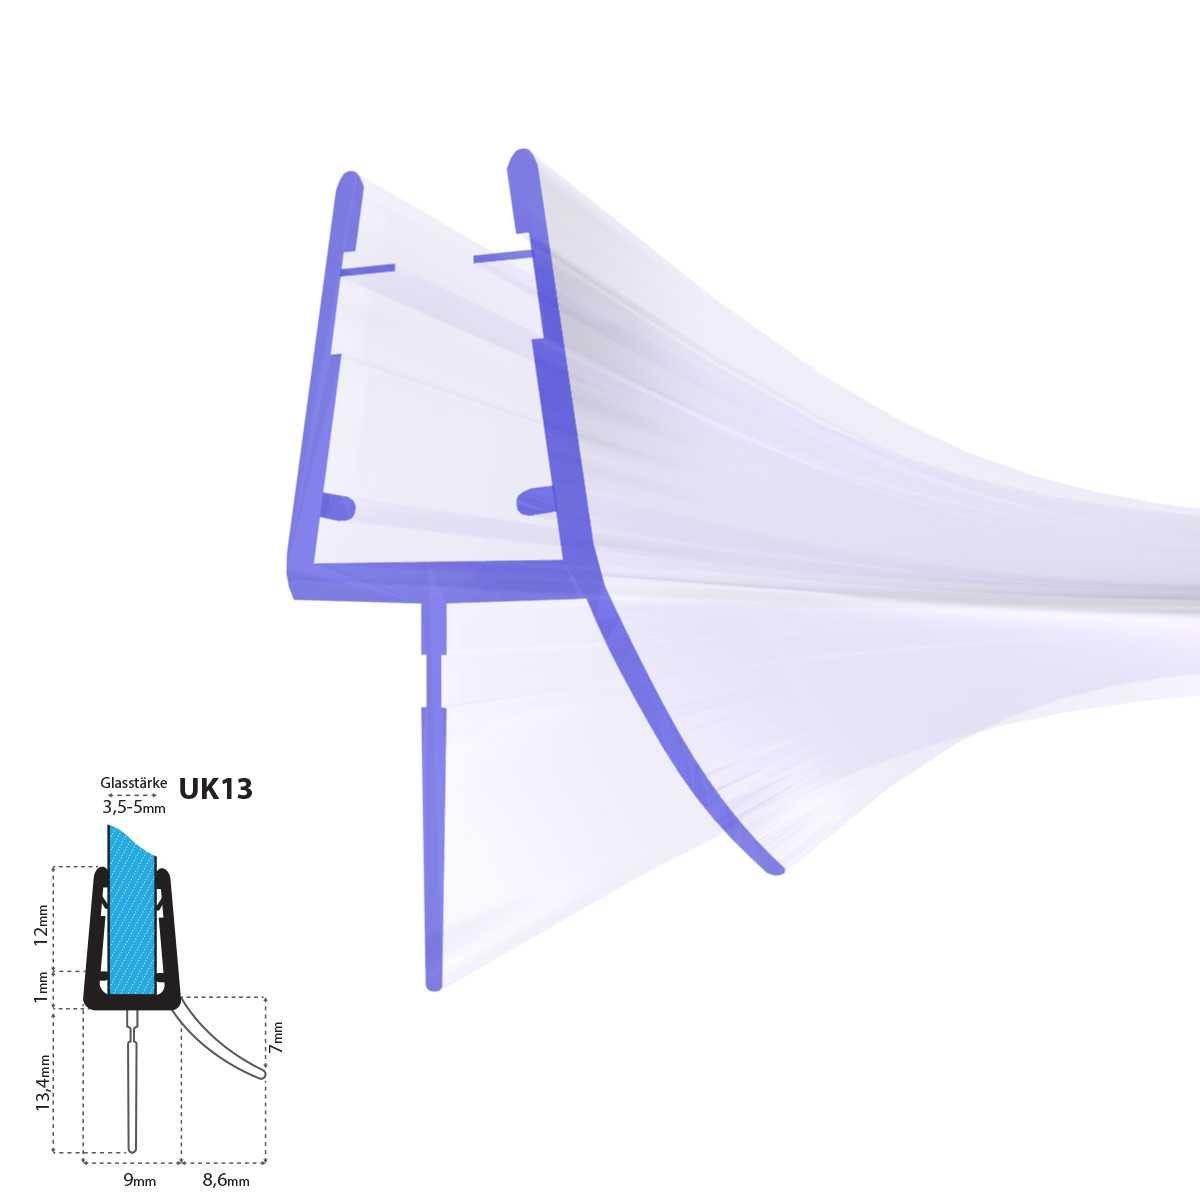 STEIGNER Duschdichtung, 200cm, Glasstä rke 3,5/4/5 mm, Gebogene PVC Ersatzdichtung fü r Runddusche, UK13